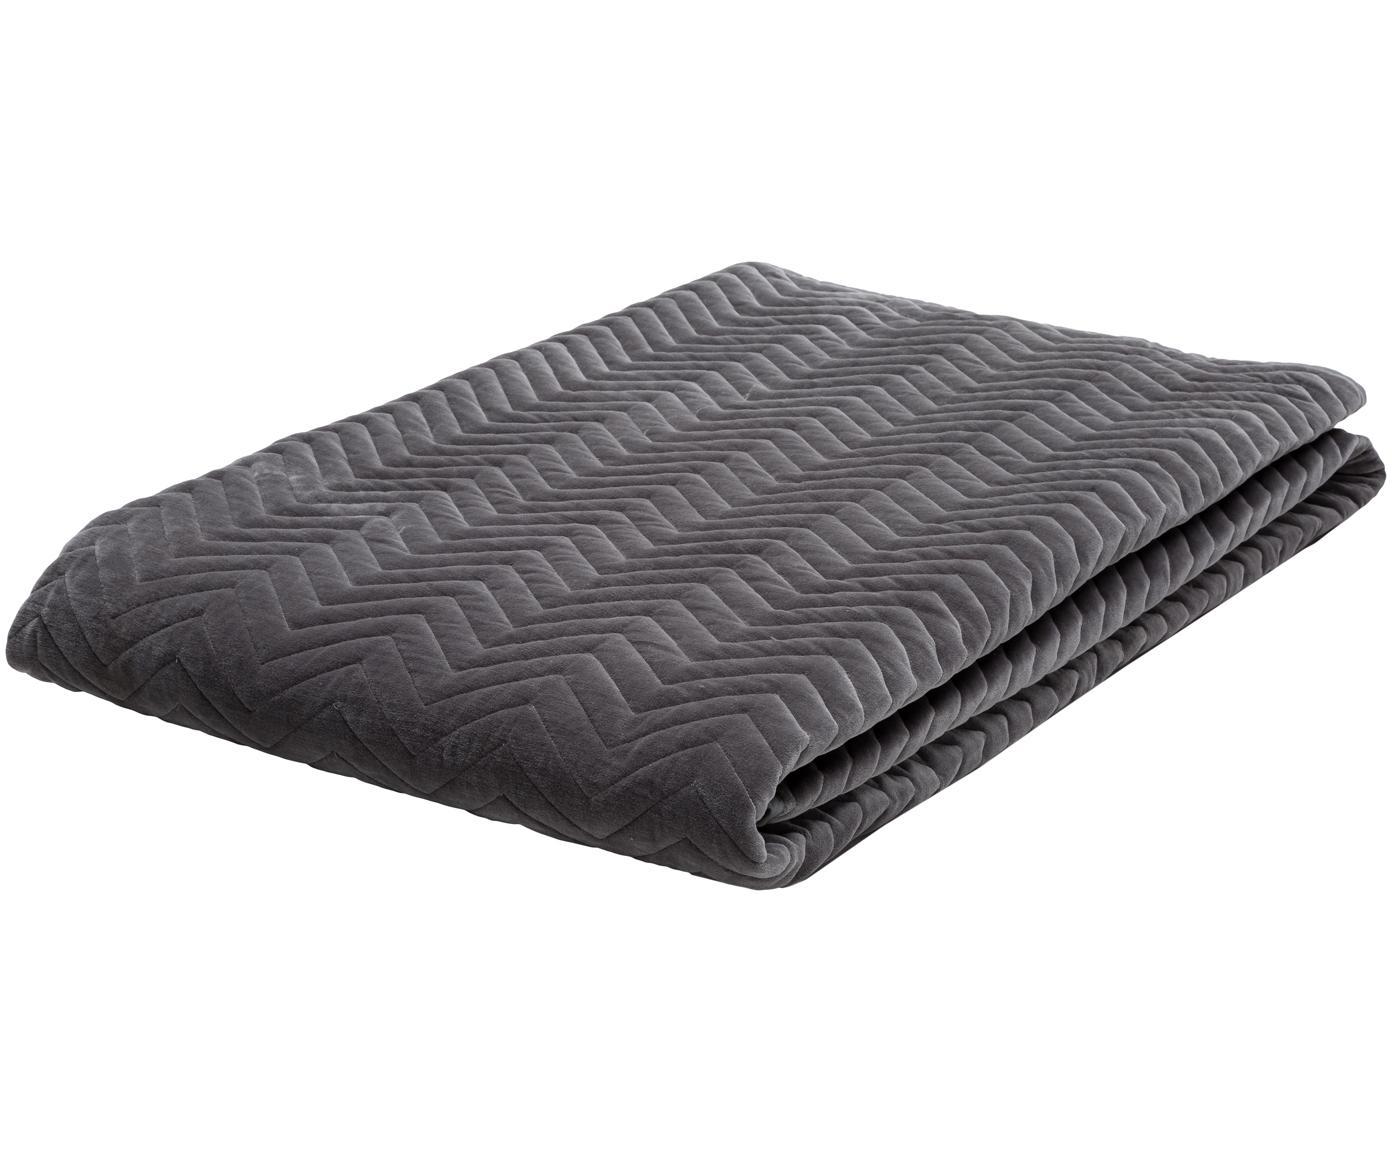 Copriletto in velluto grigio Chevron, Velluto, Grigio, Larg. 240 x Lung. 260 cm